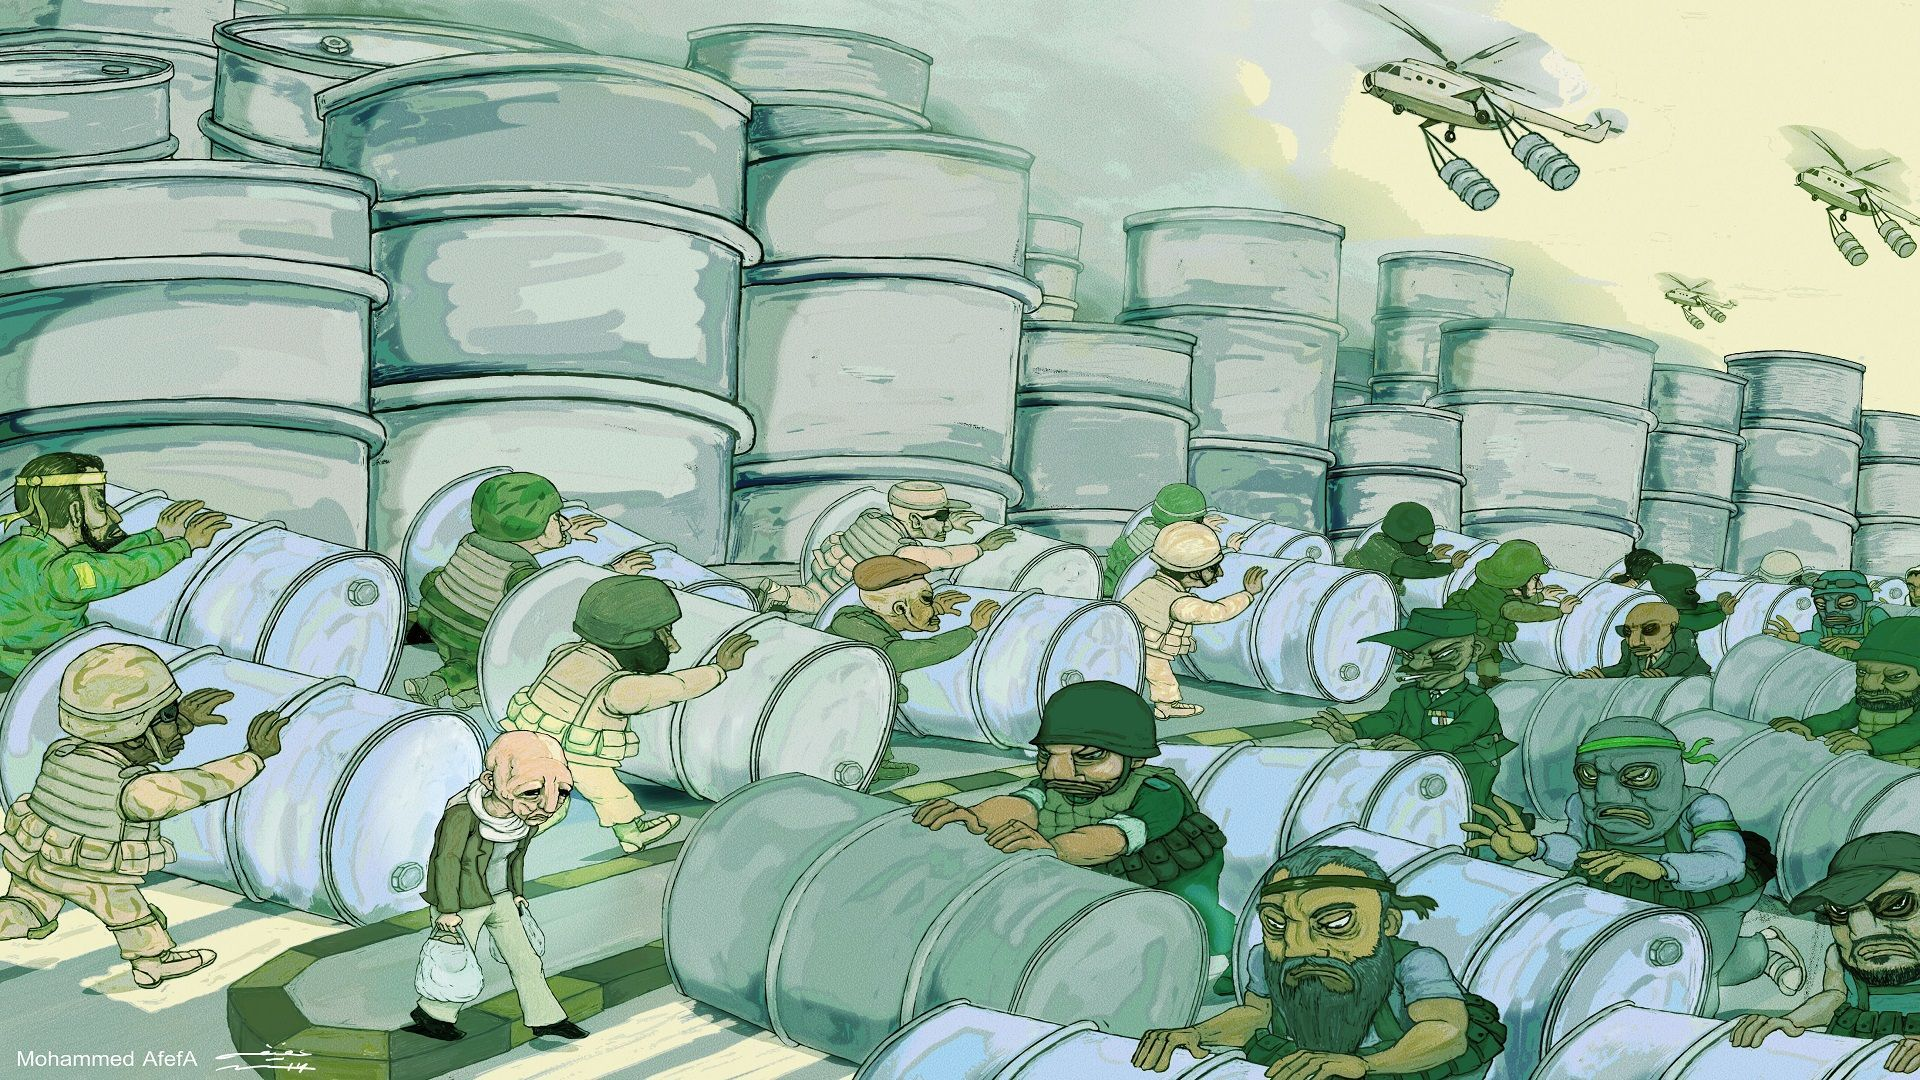 الجيش السوري أذهل العالم مقالات رأي Male Sketch Art Anime